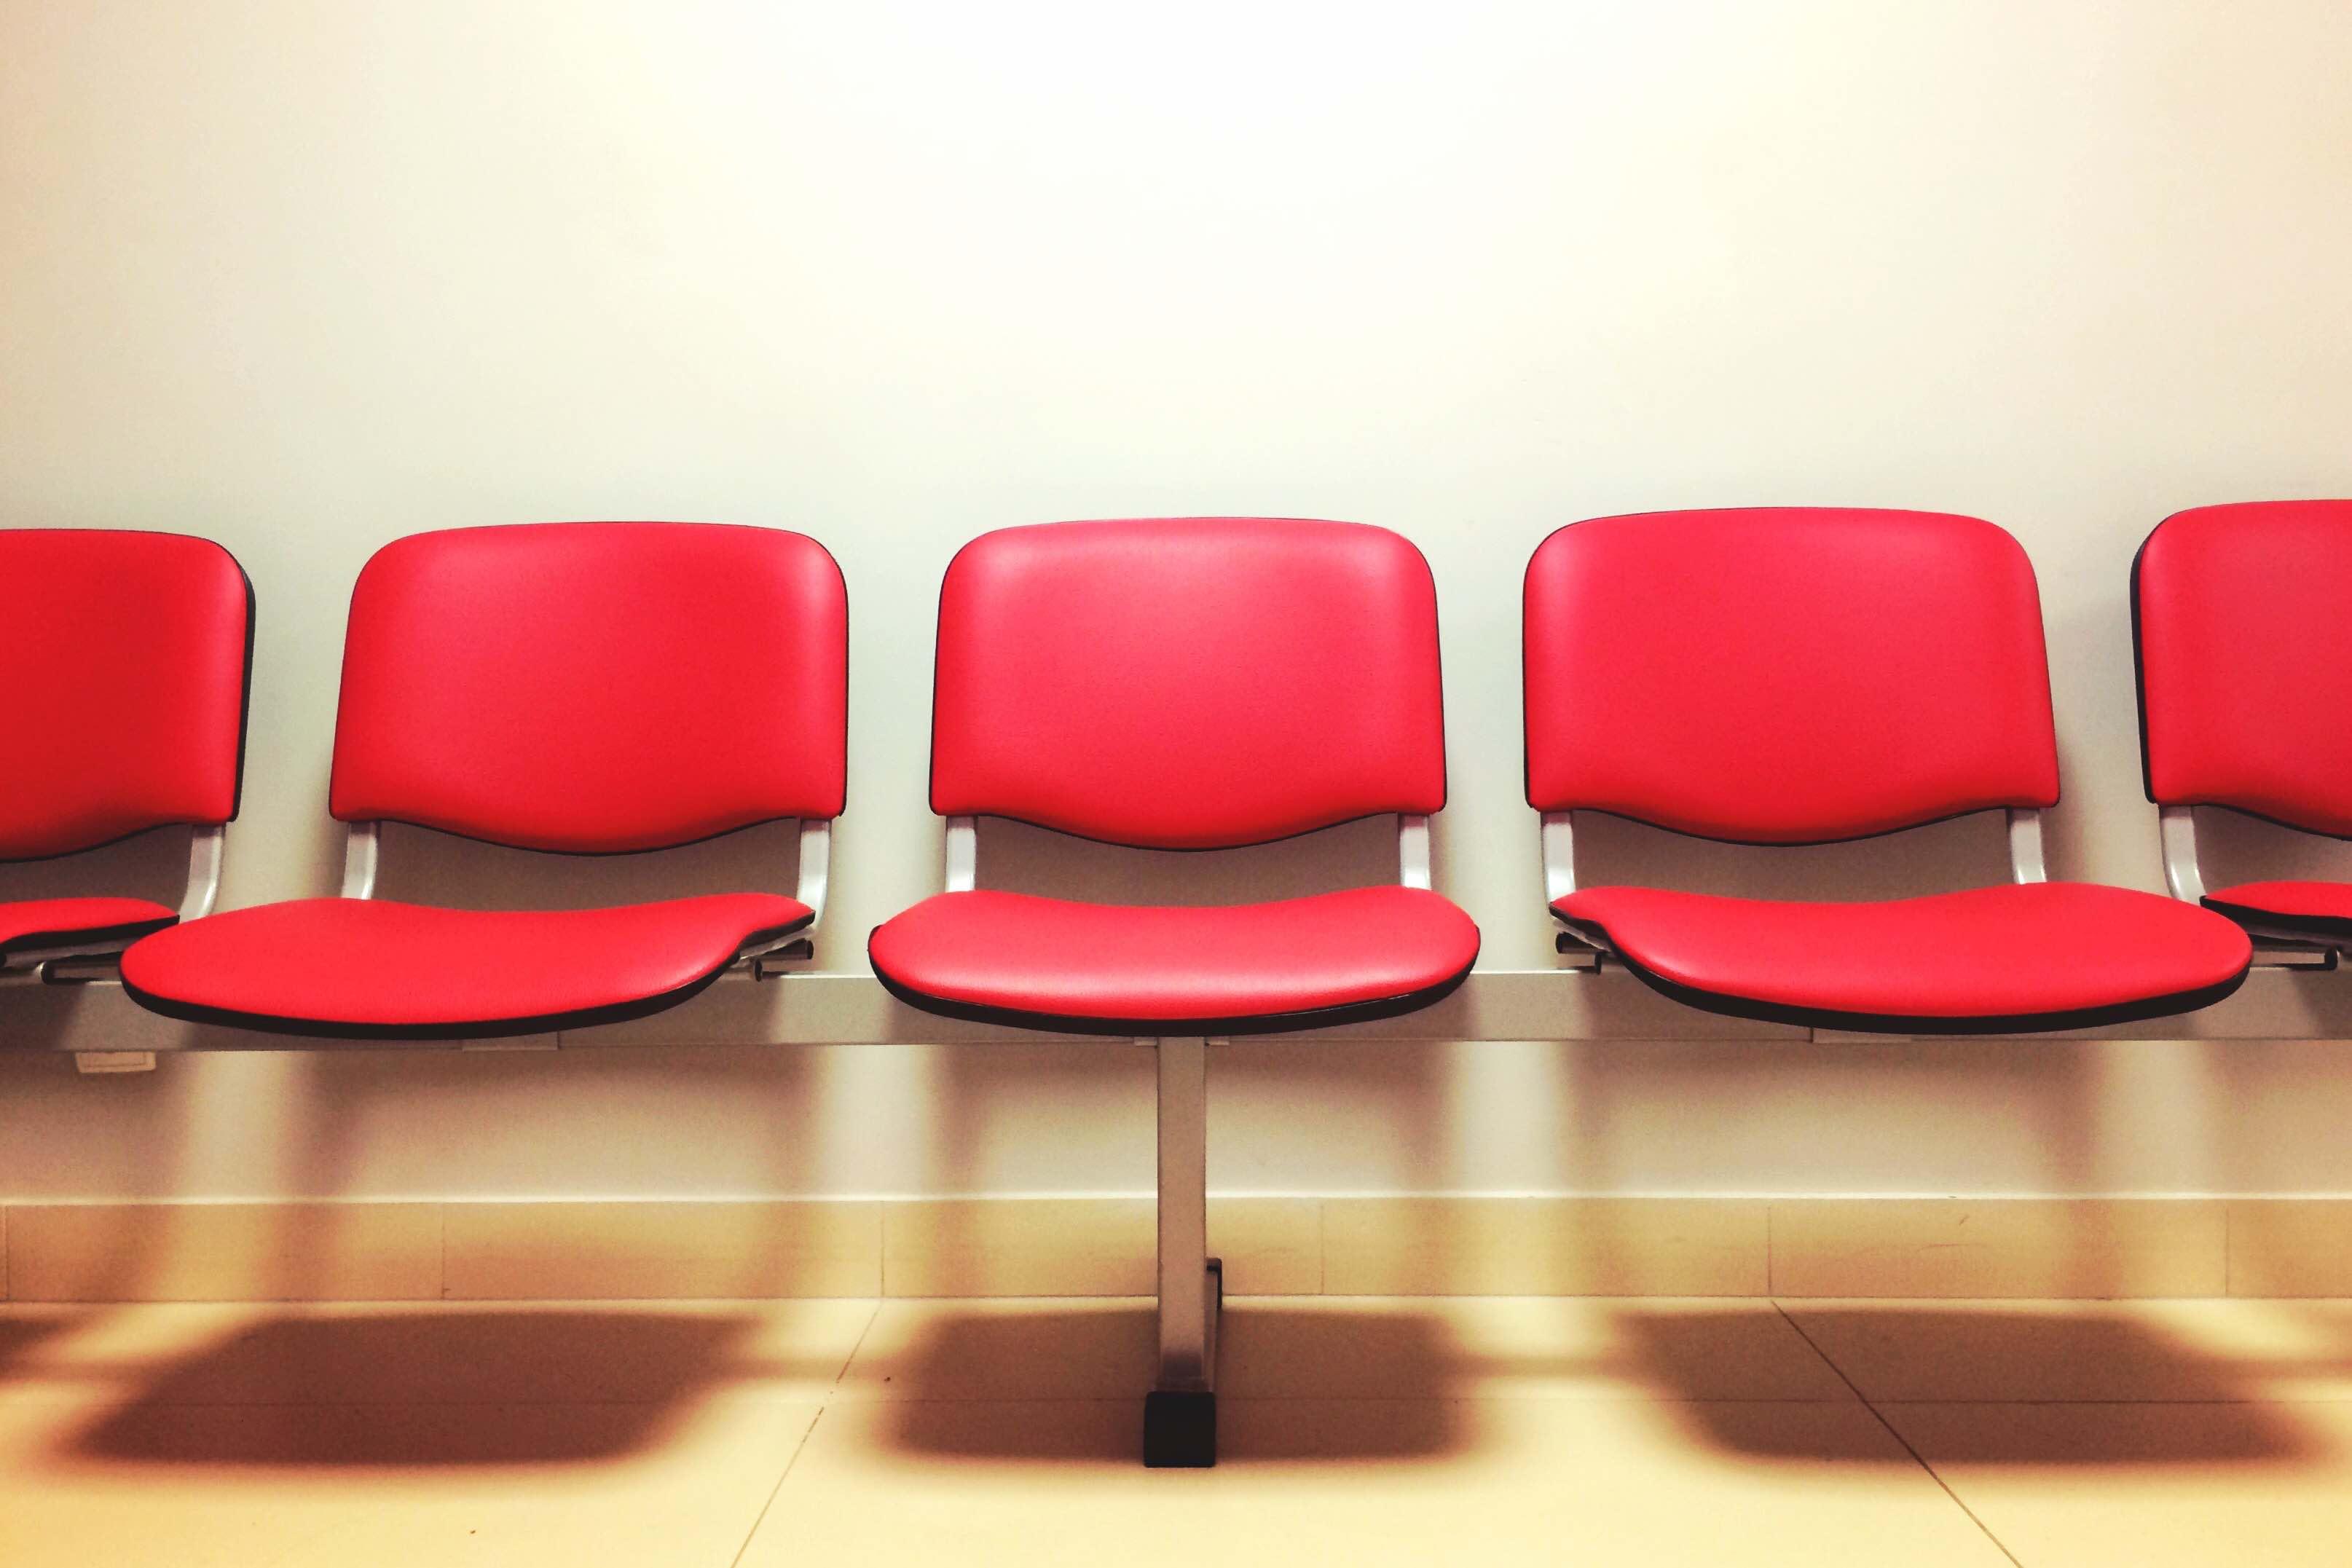 Sillas en una sala de espera